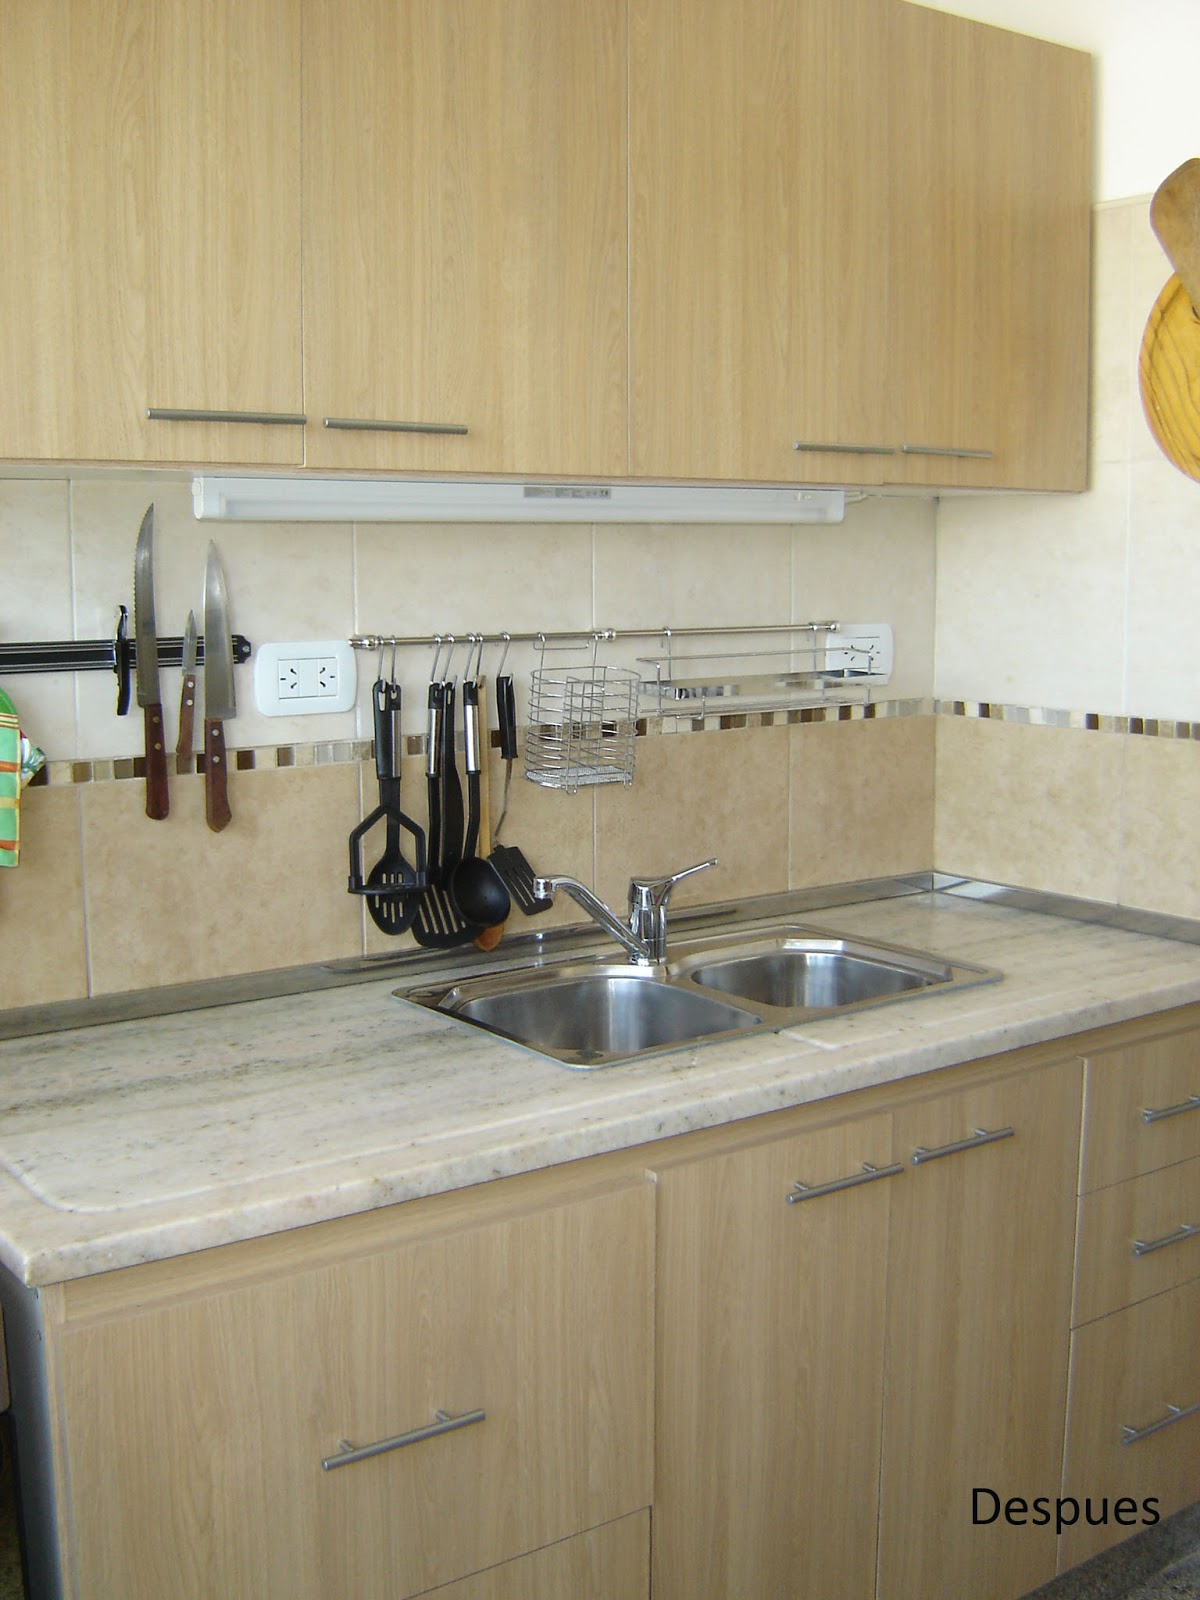 Remodelaciones cocina y lavadero artigas remodelaciones for Mueble de cocina con pileta